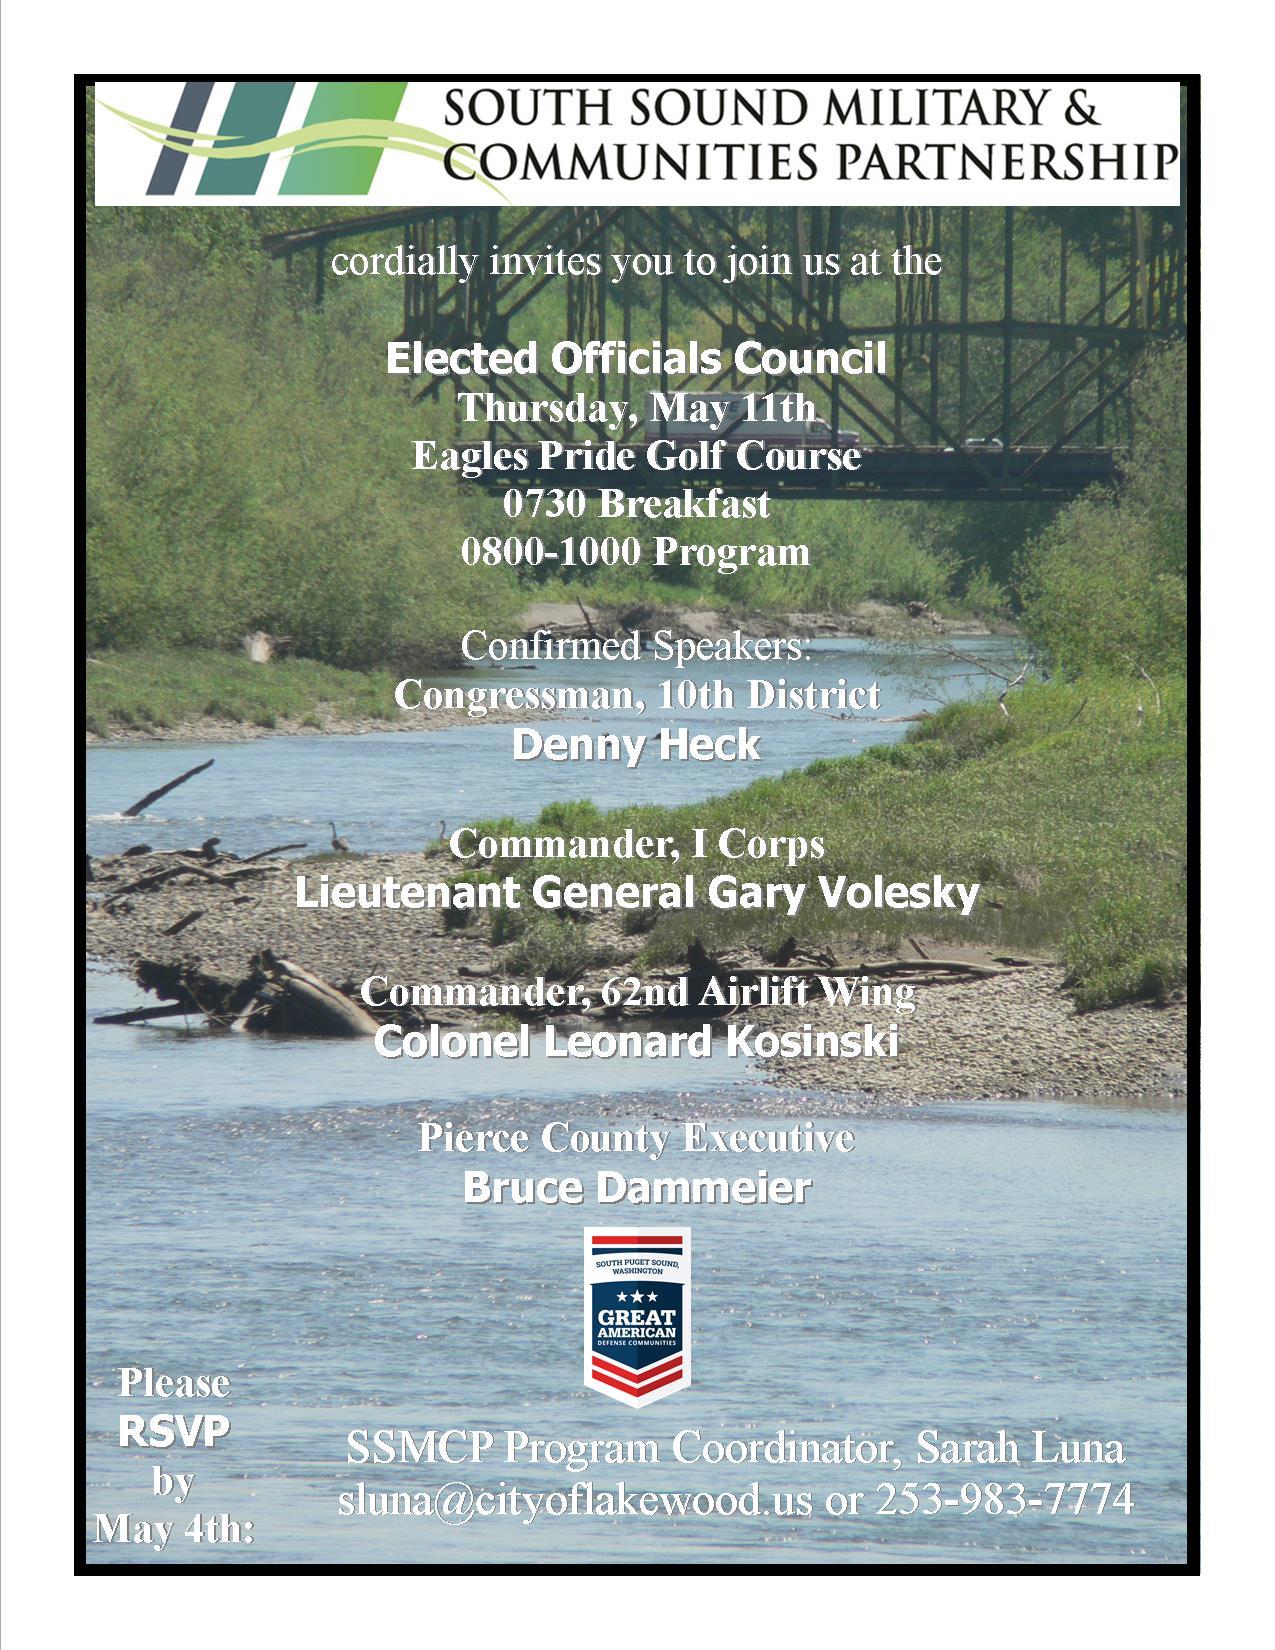 SSMCP Invite over picture of Nisqually Bridge